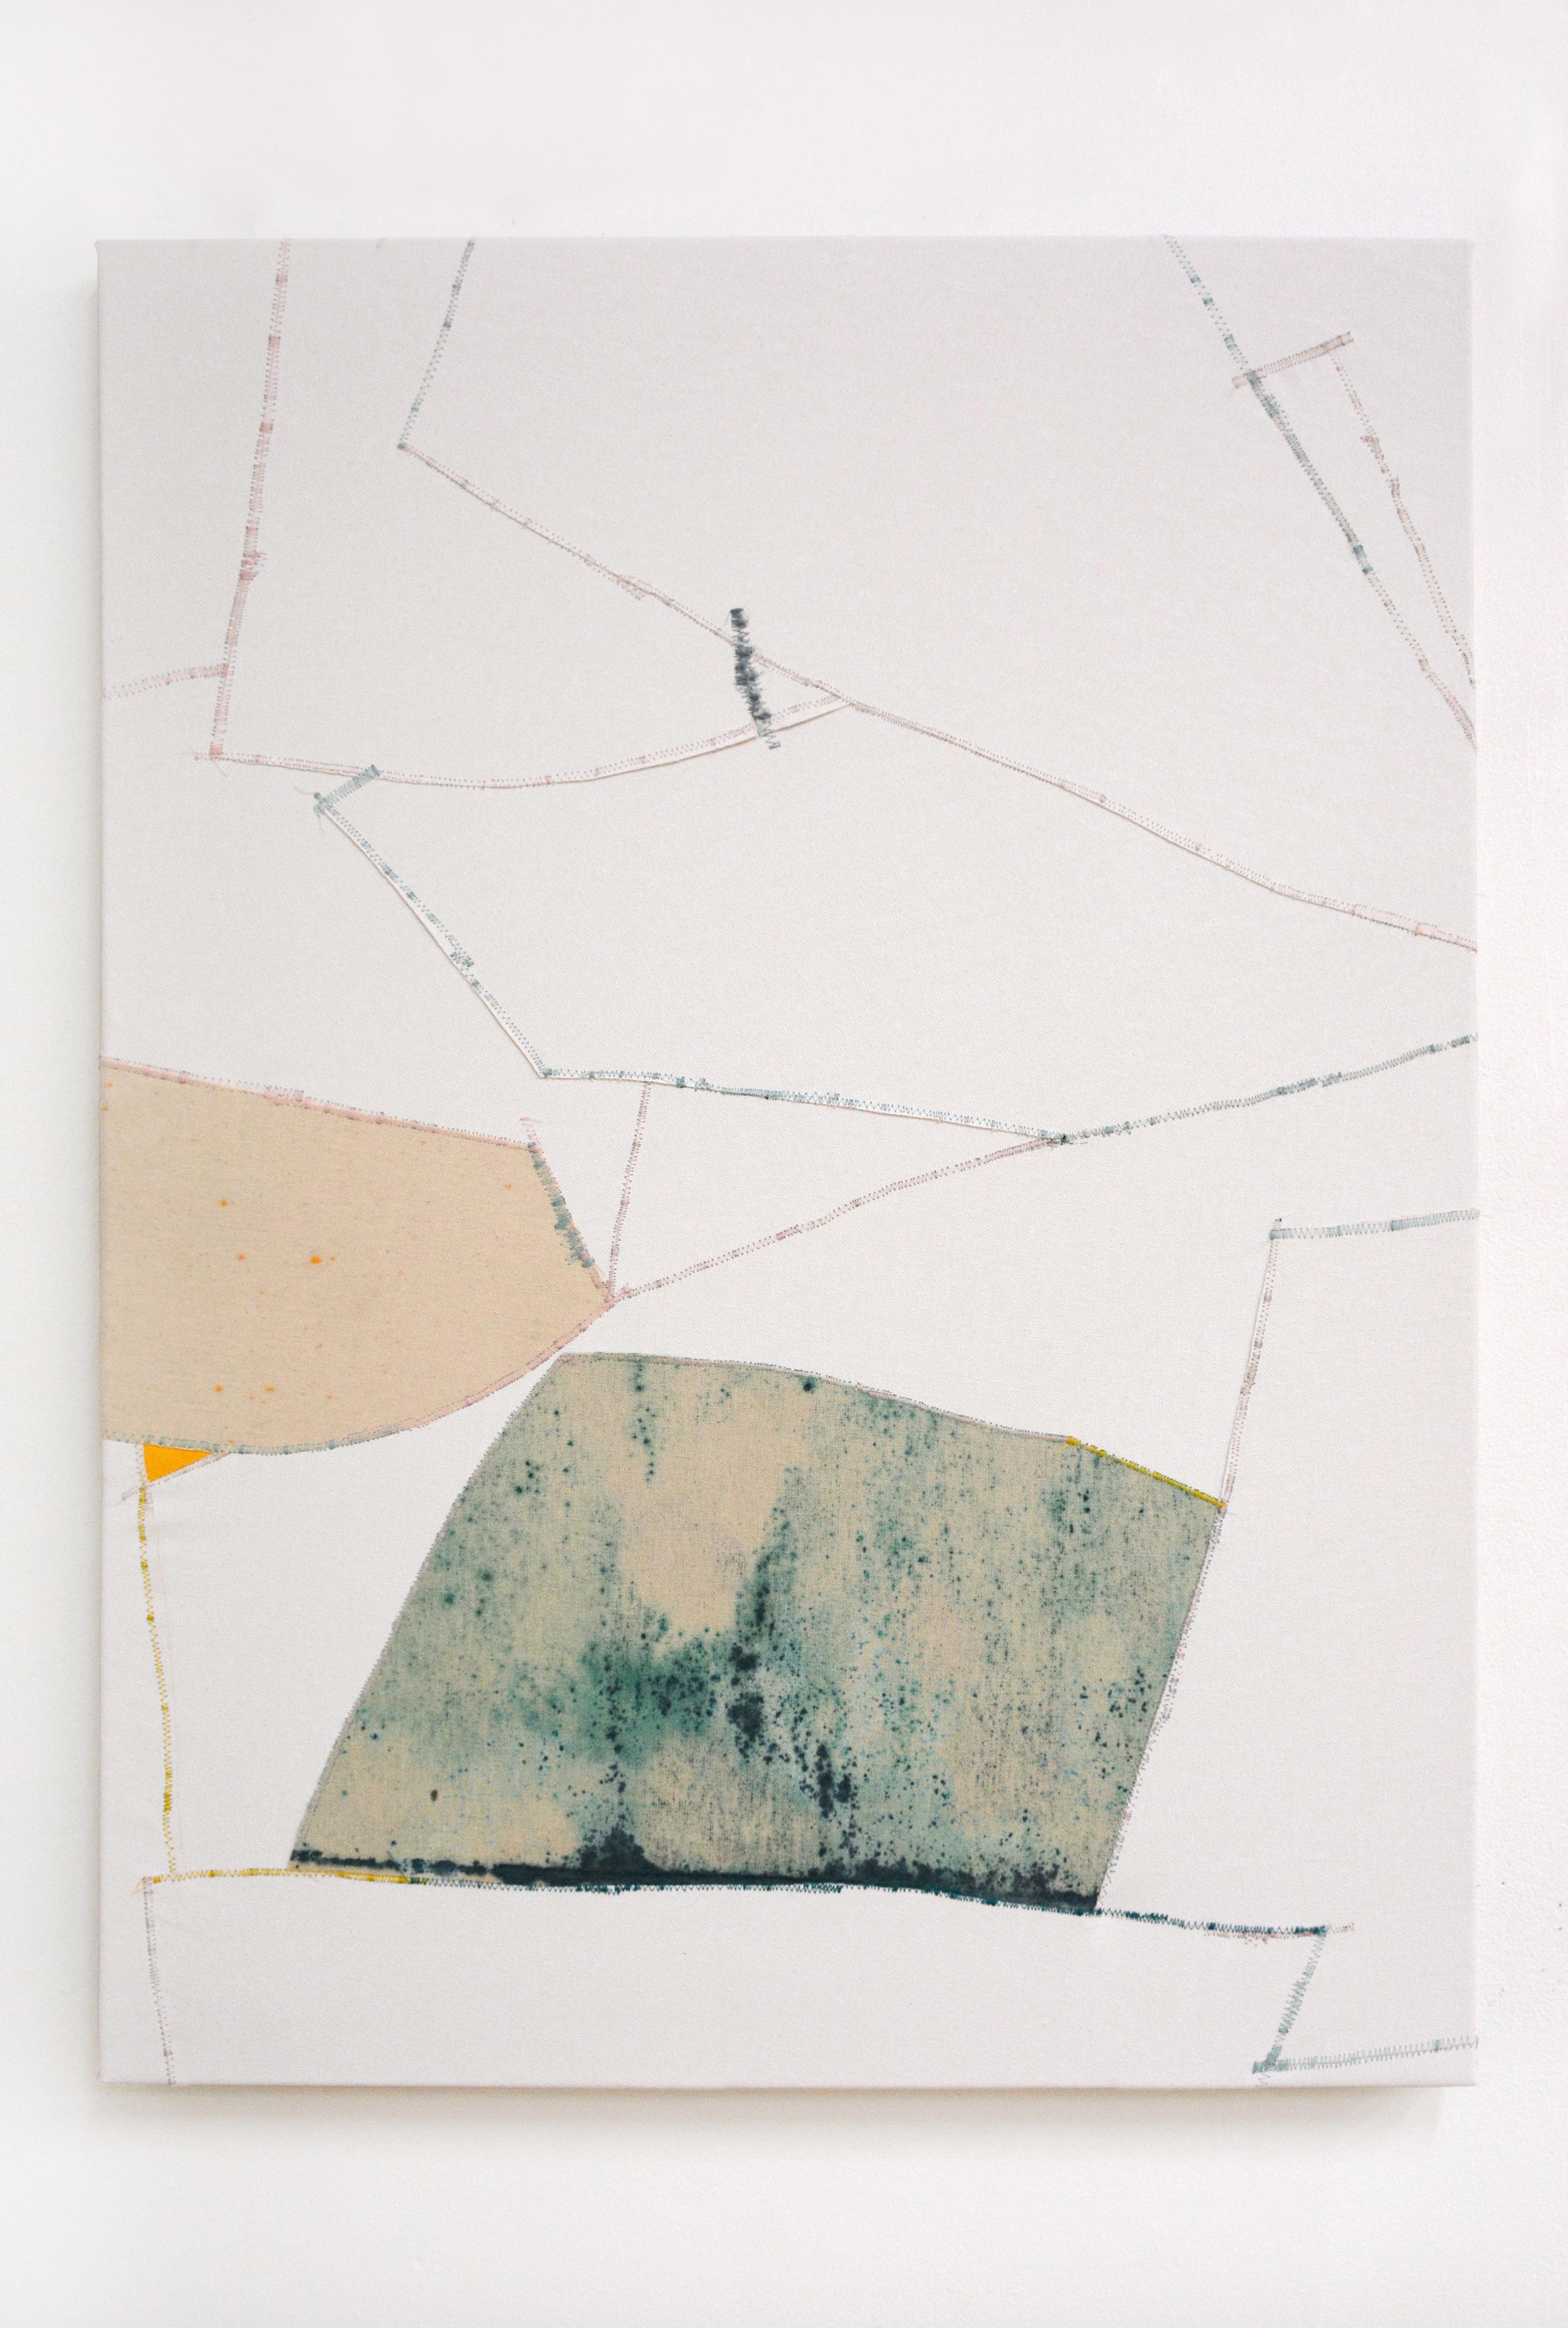 Toss , oil and thread on canvas, 56 x 76 cm, 2016  .